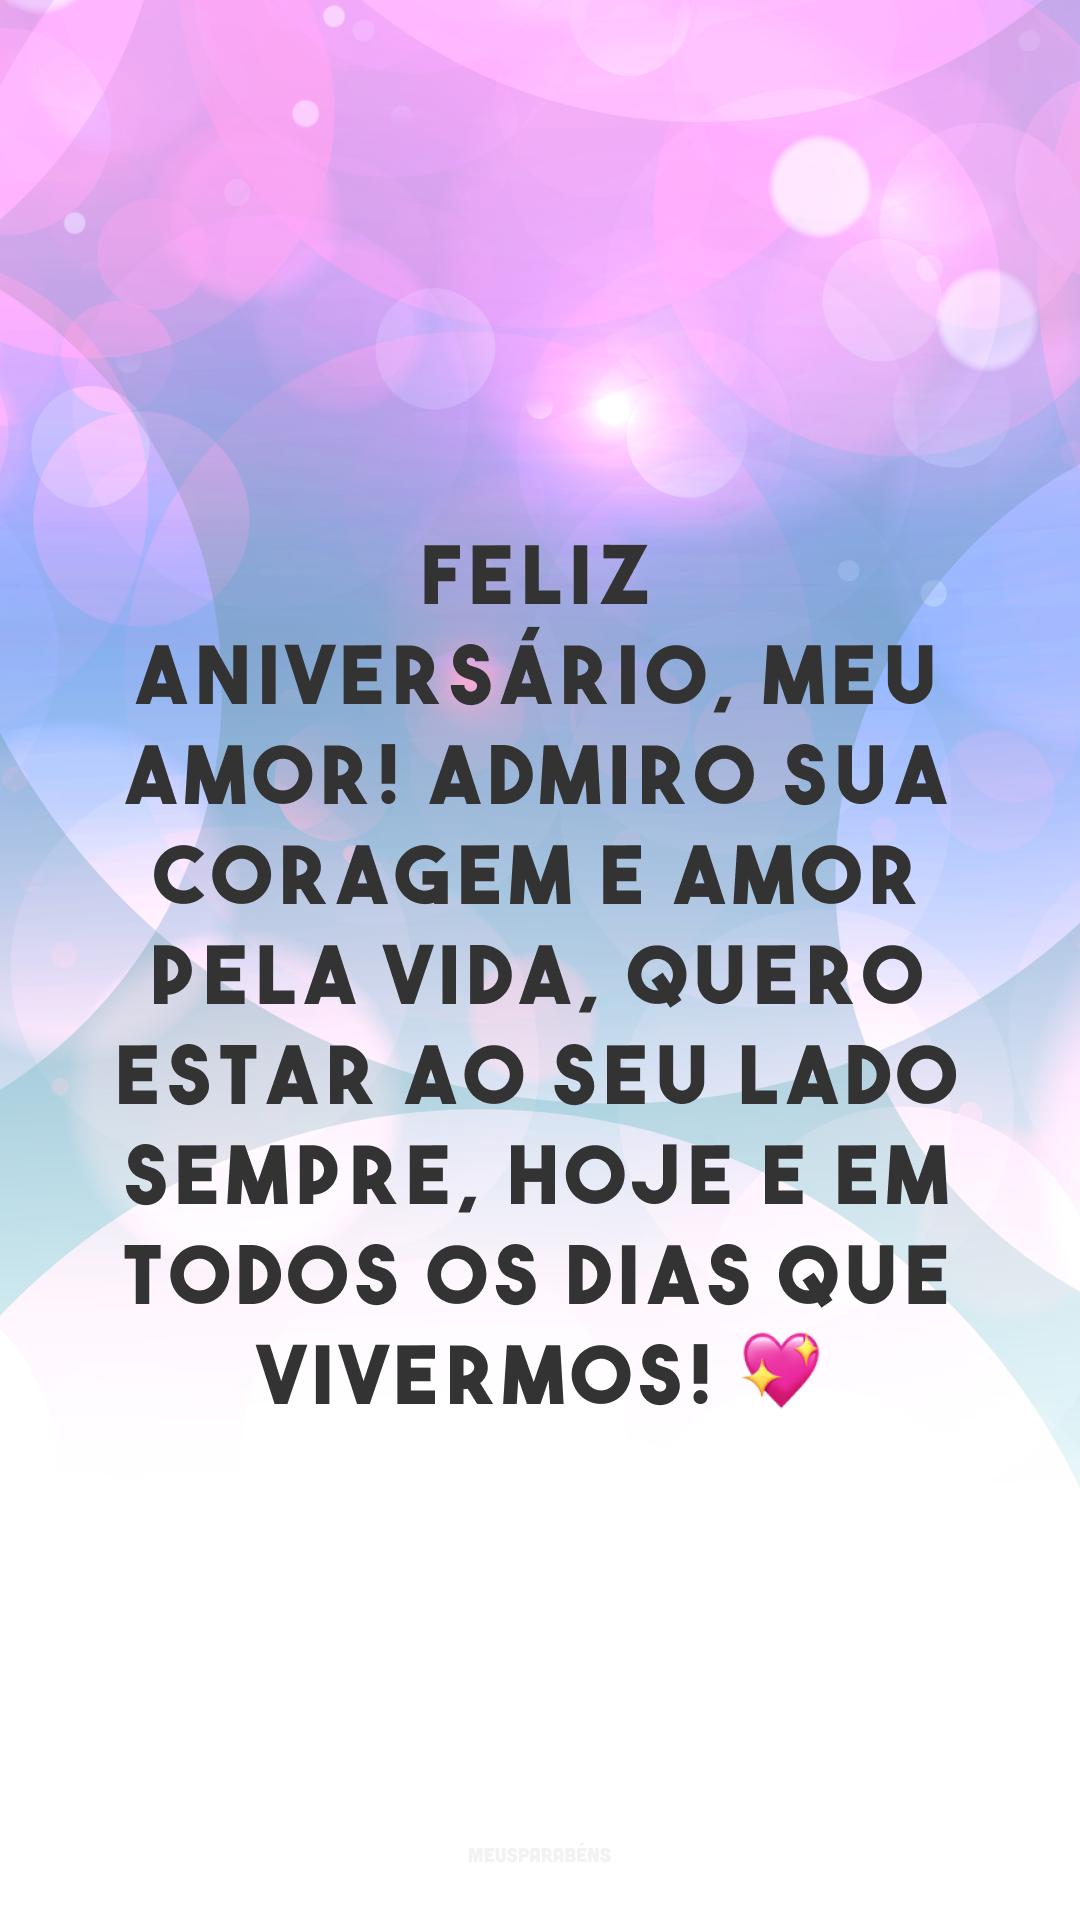 Feliz aniversário, meu amor! Admiro sua coragem e amor pela vida, quero estar ao seu lado sempre, hoje e em todos os dias que vivermos! 💖